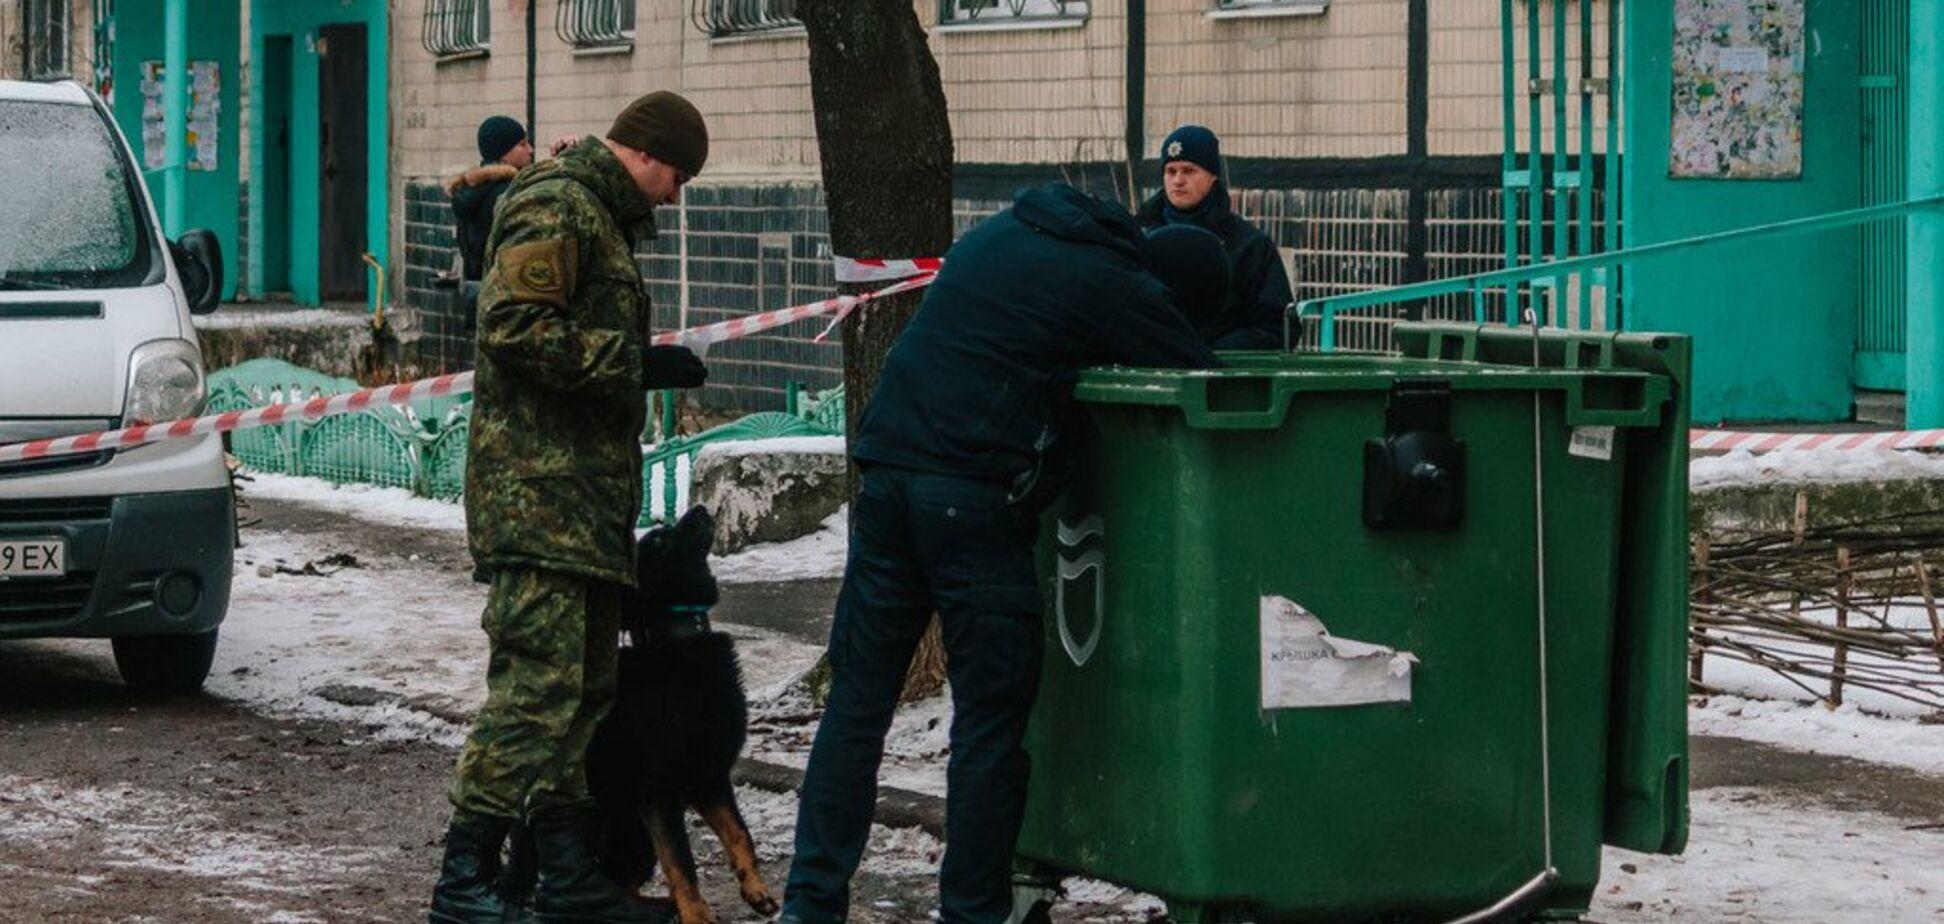 Полуобнаженную сложили в чемодан: в Днепре в мусорном баке нашли труп девушки. Фото и видео 18+